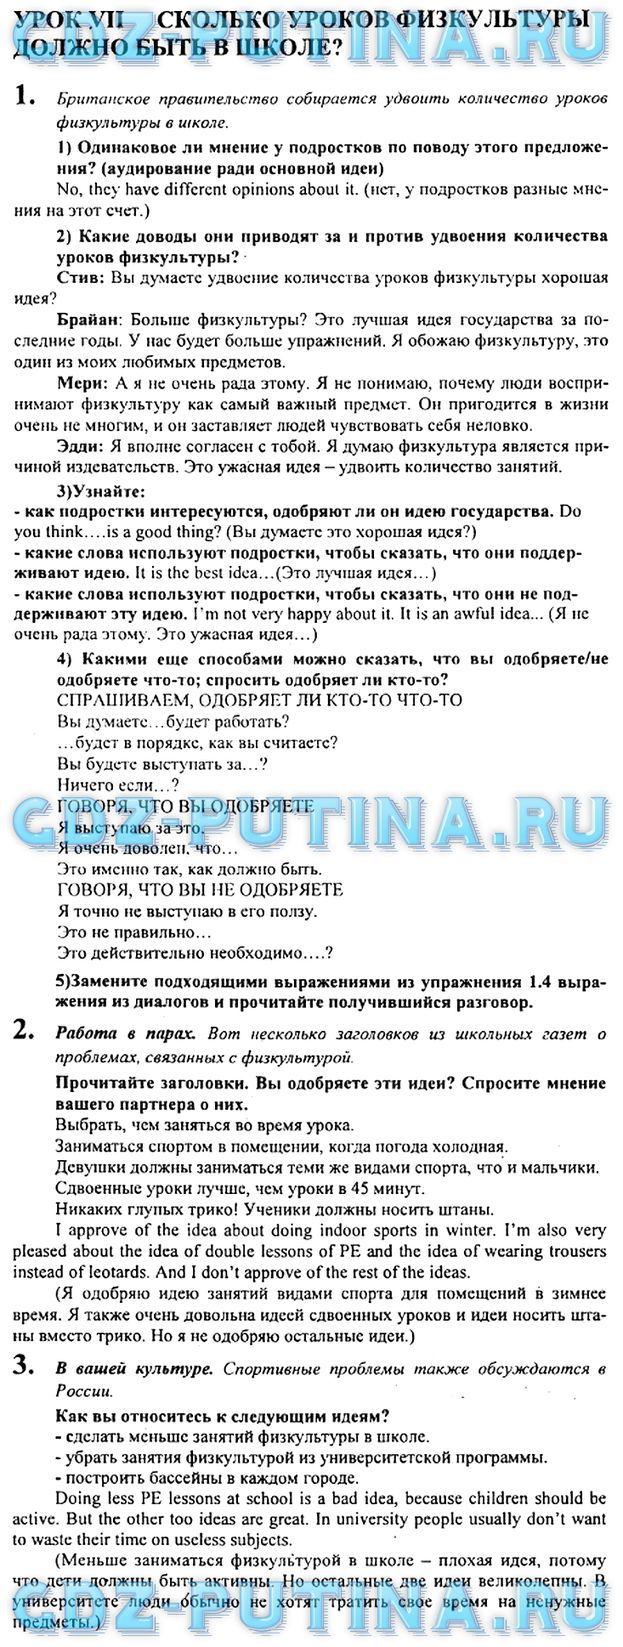 Гдз поурочные планы алгебра 11 класс по учебнику а.г мордковича